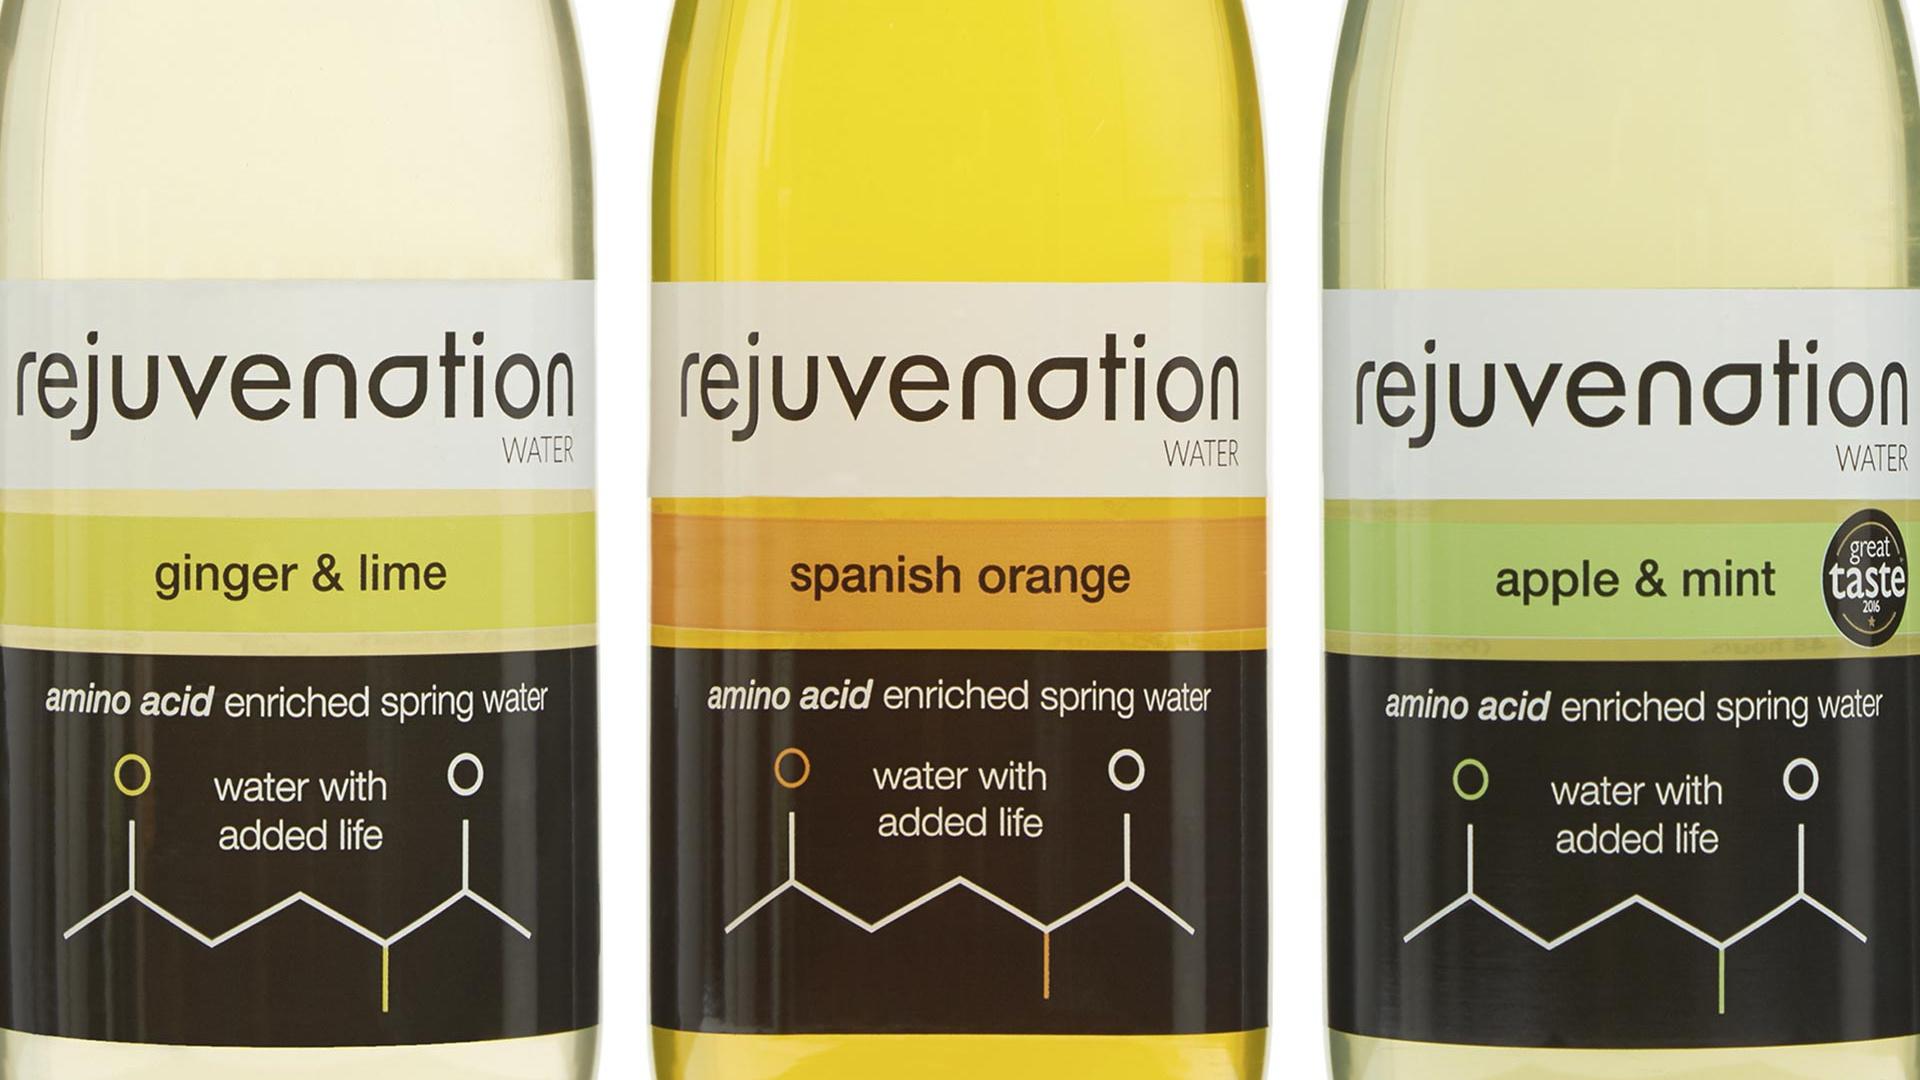 Bottles of Rejuvenation water amino acid-enriched drink